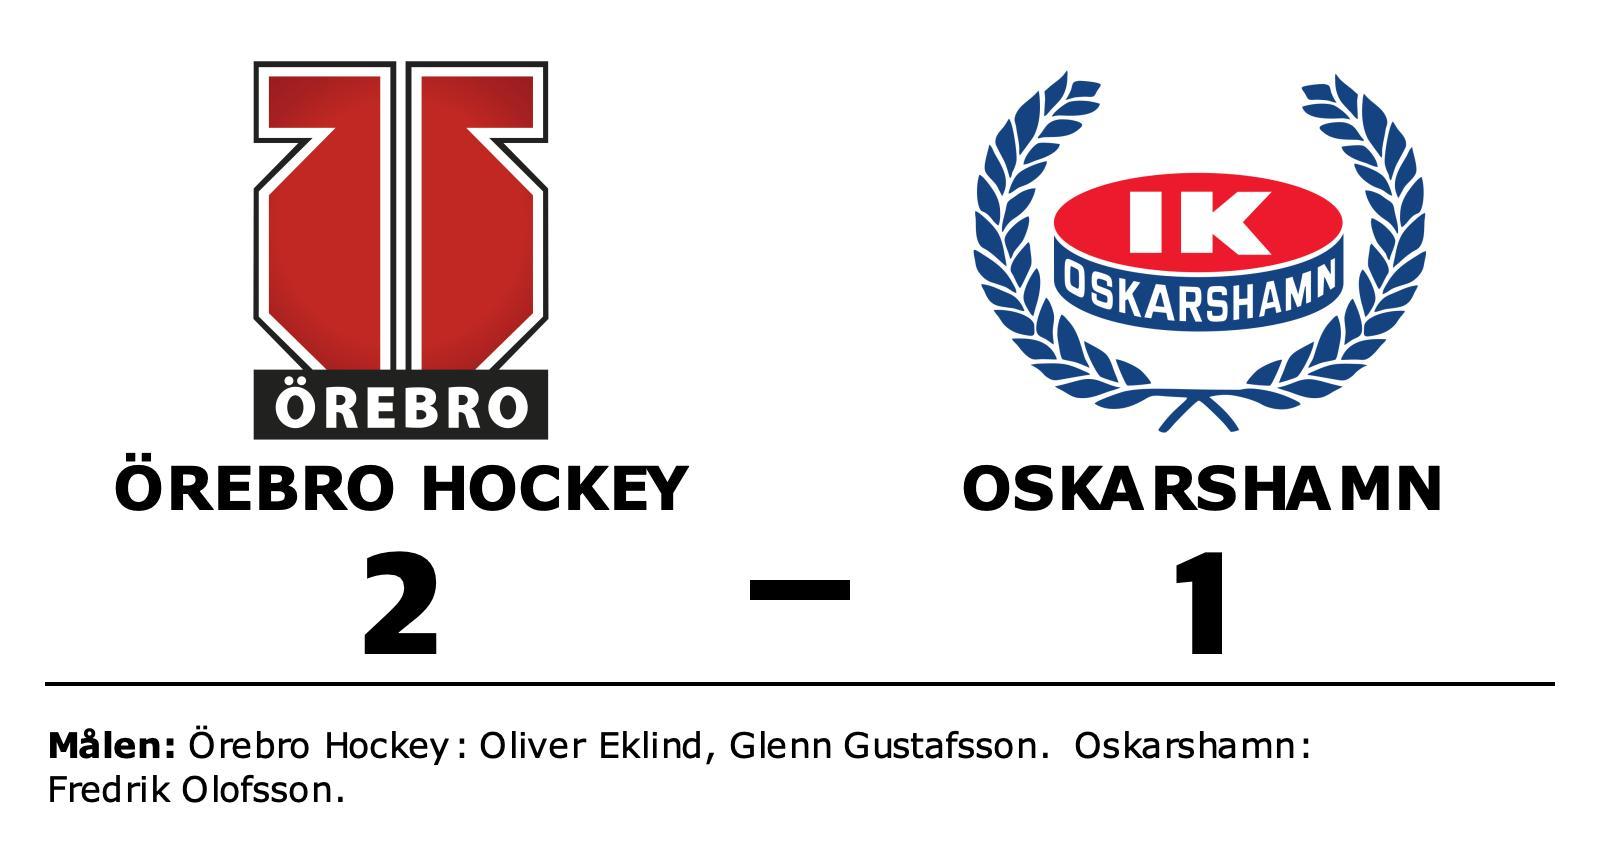 Örebro Hockey avgjorde tät match mot Oskarshamn i tredje perioden